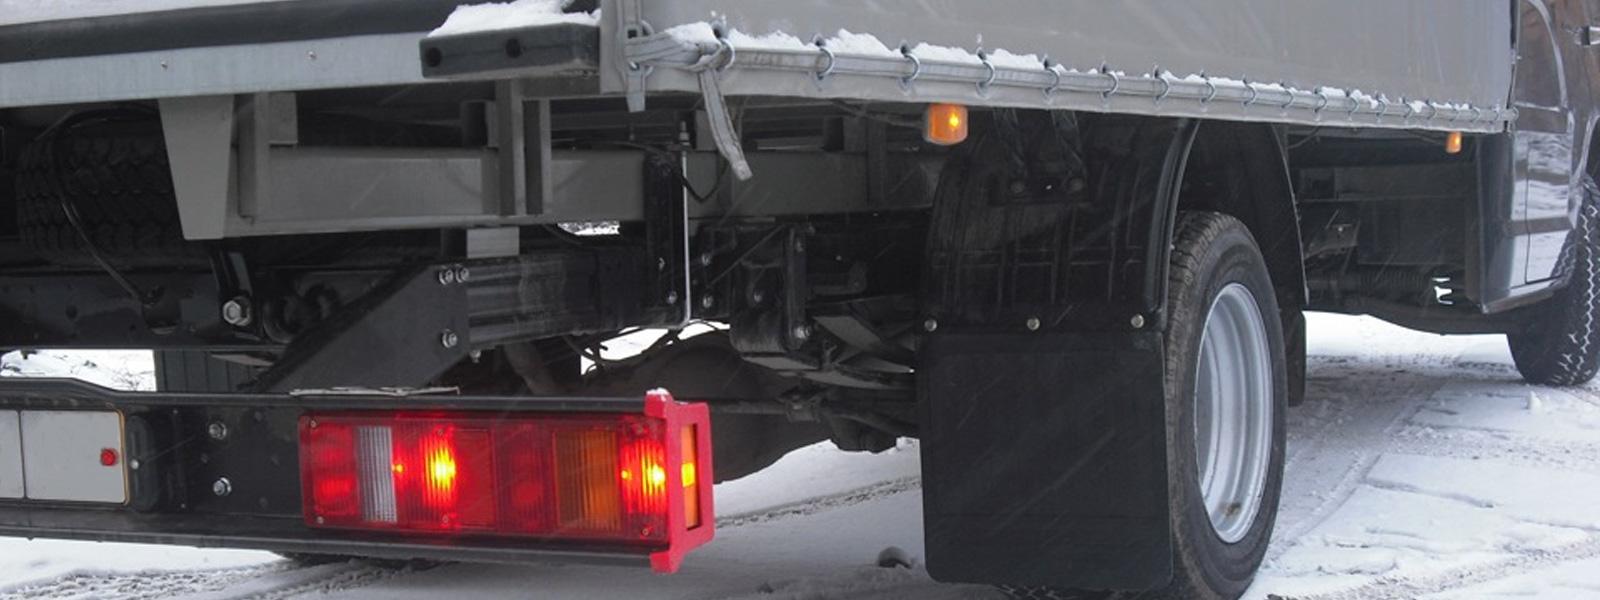 брызговики для грузовиков и полуприцепов